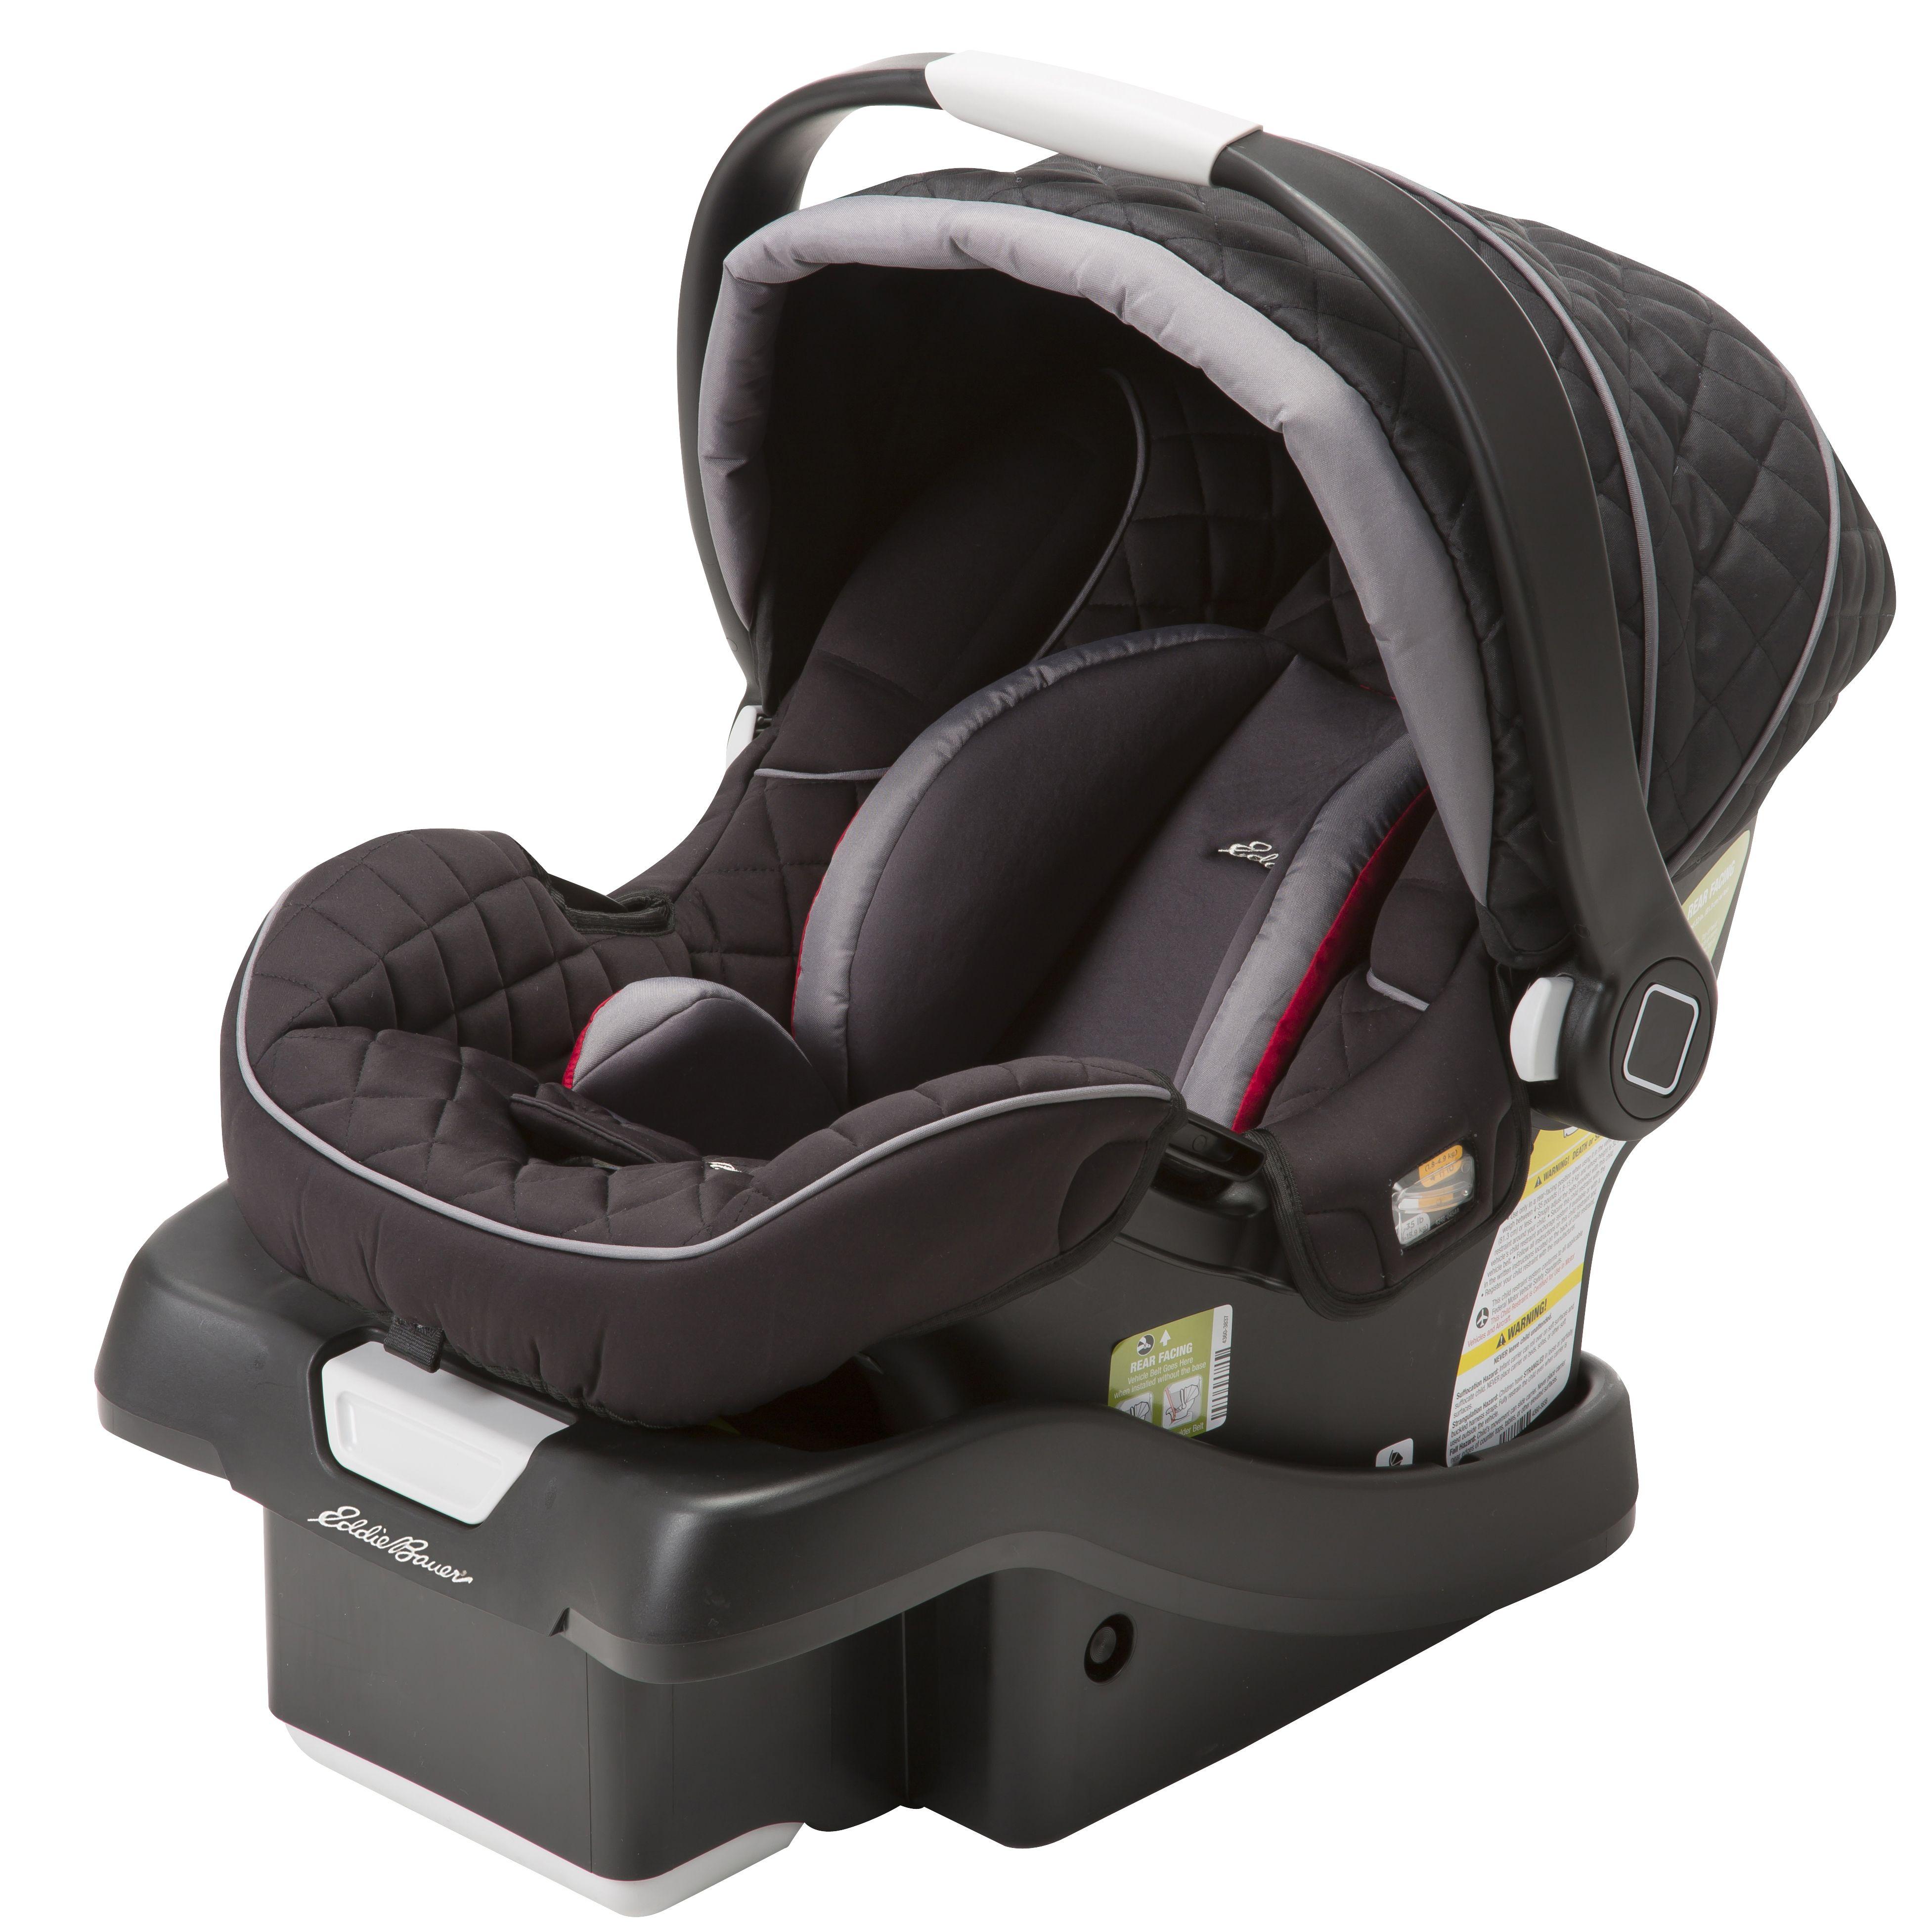 Eddie Bauer SureFit Infant Car Seat - Target Exclusive